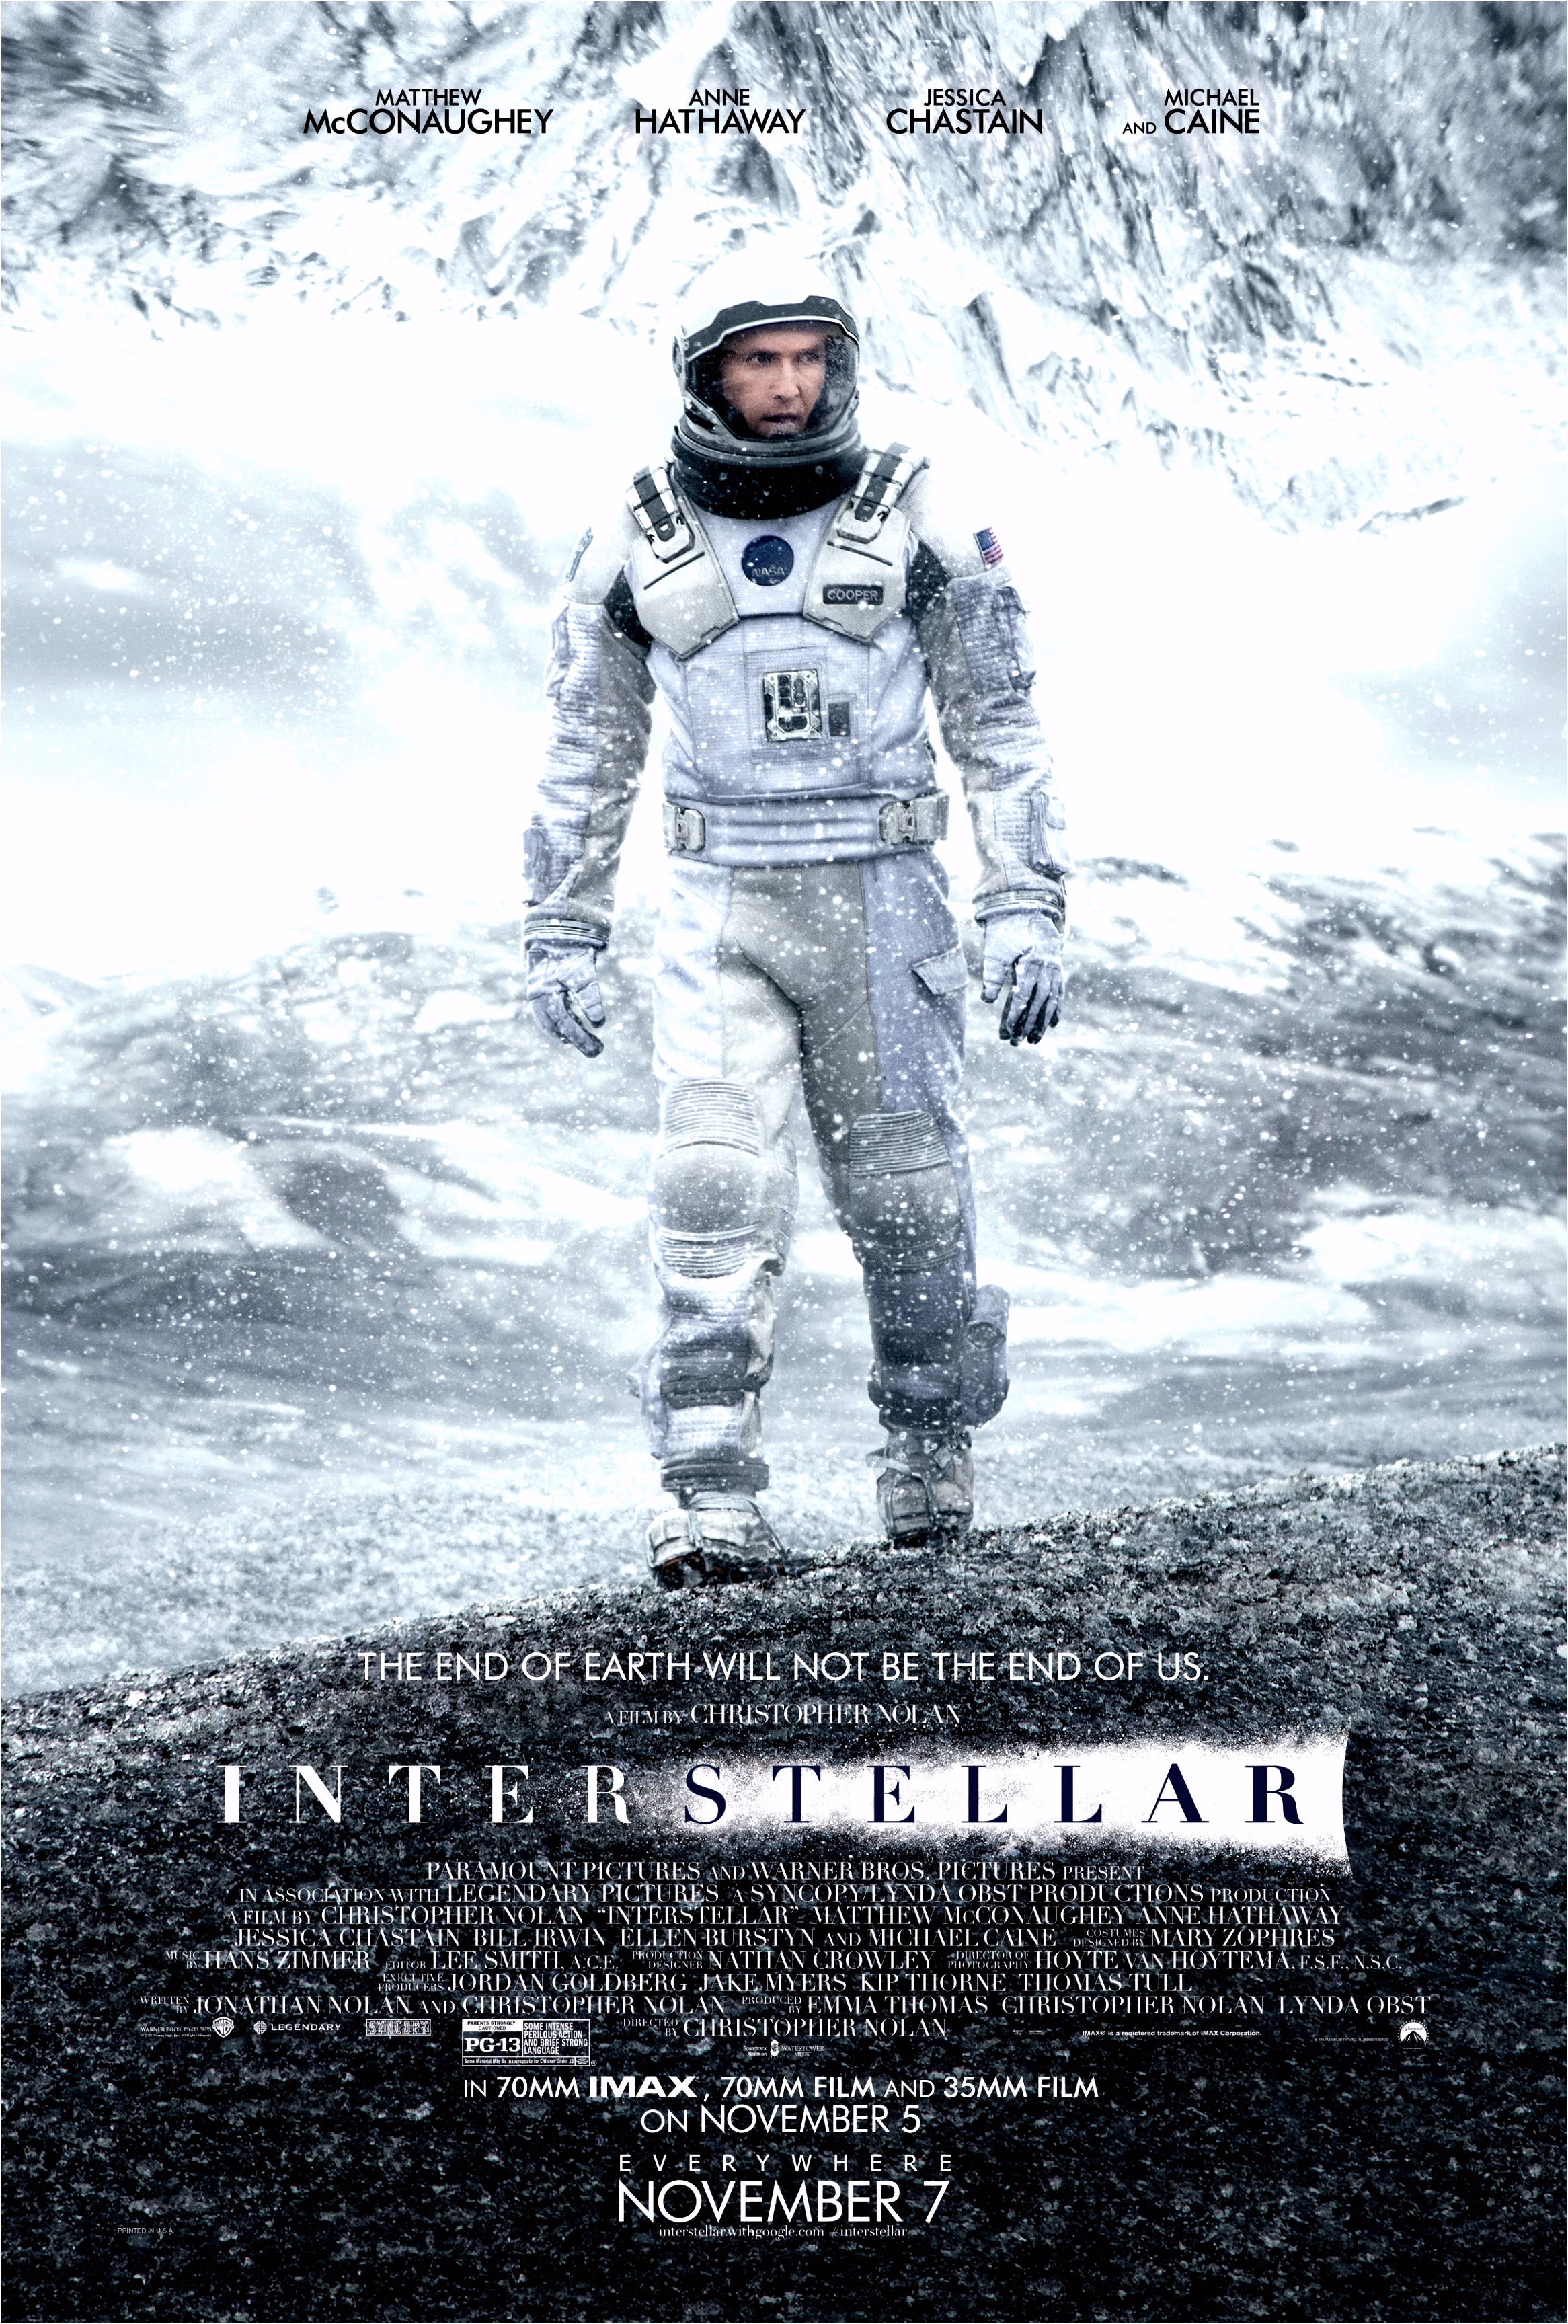 Interstellar 2014 IMDb